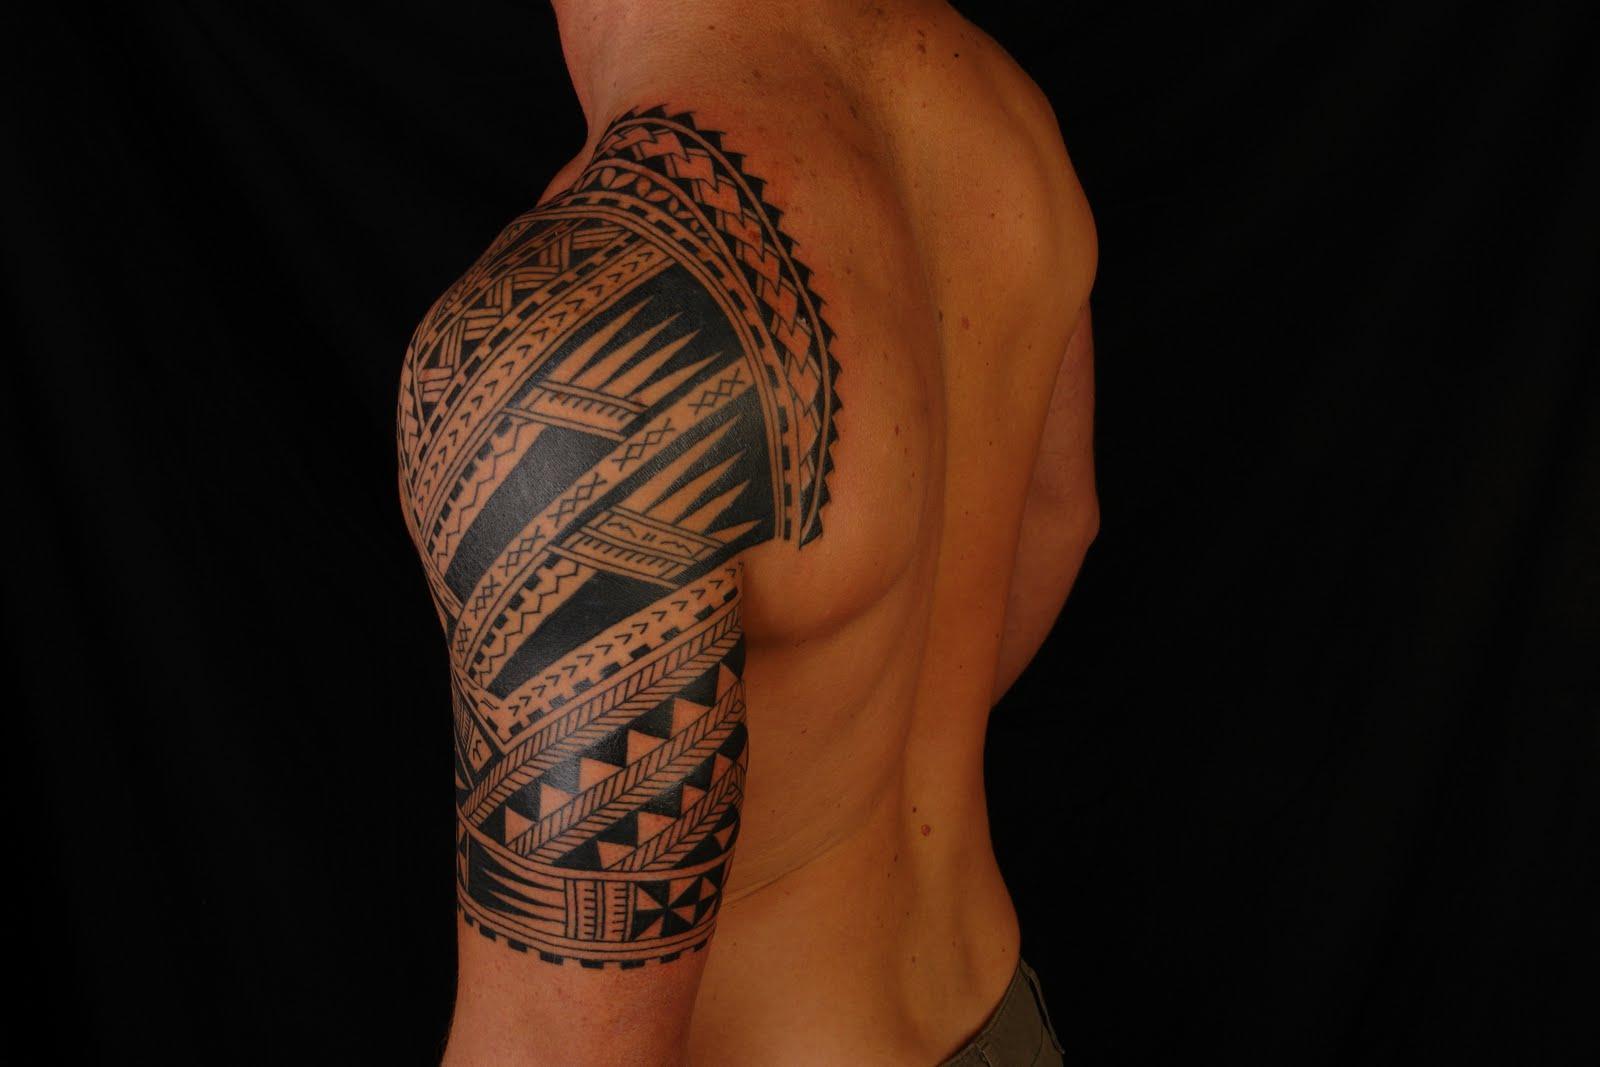 Half sleeve tattoos page 50 for Half sleeve tattoos